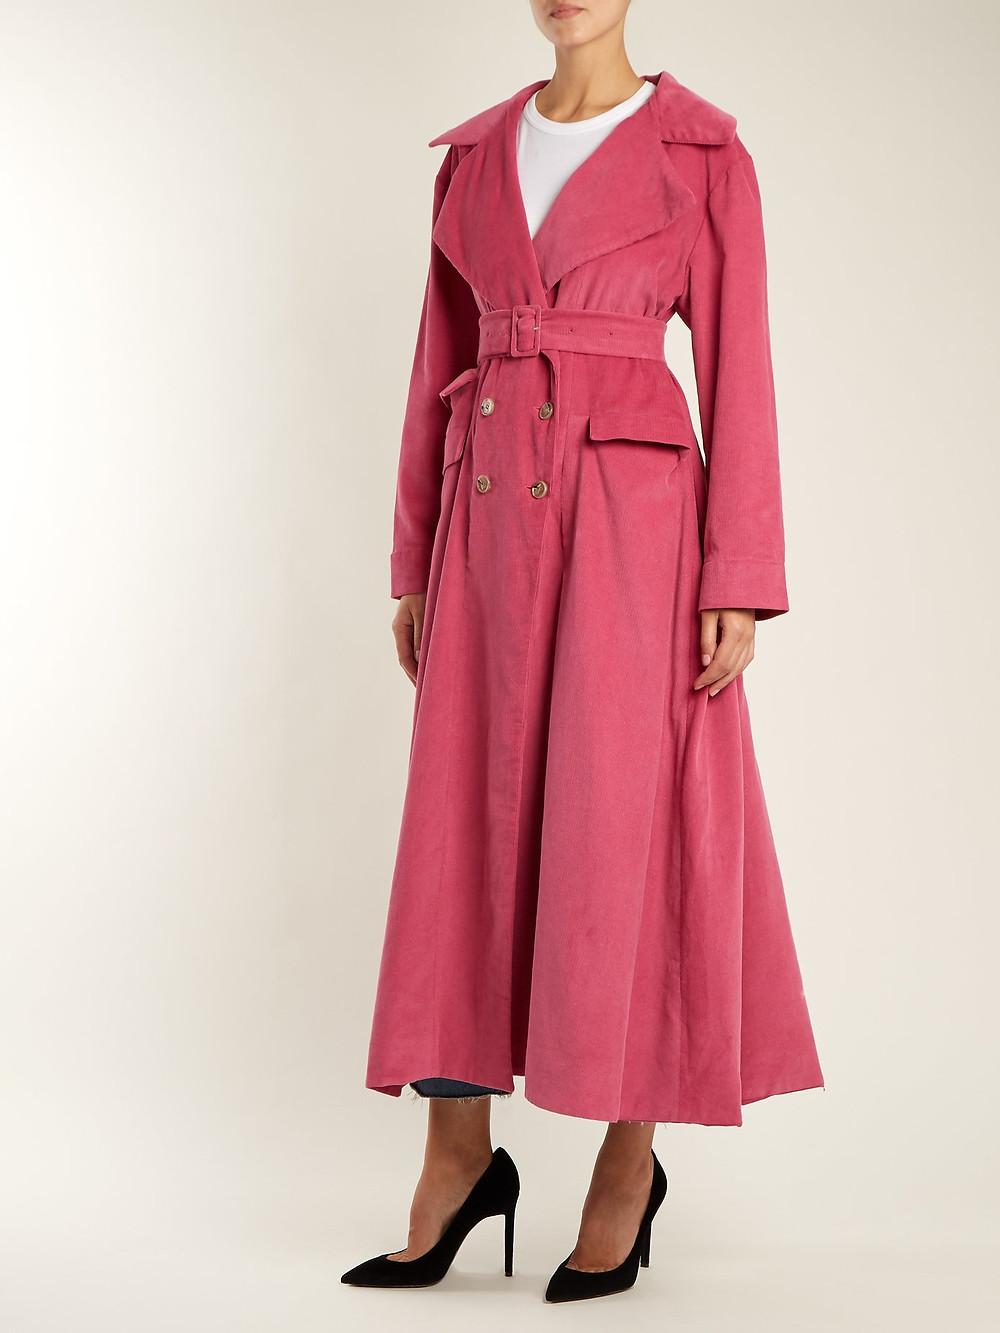 Art School Euphoria corduroy trench coat $418